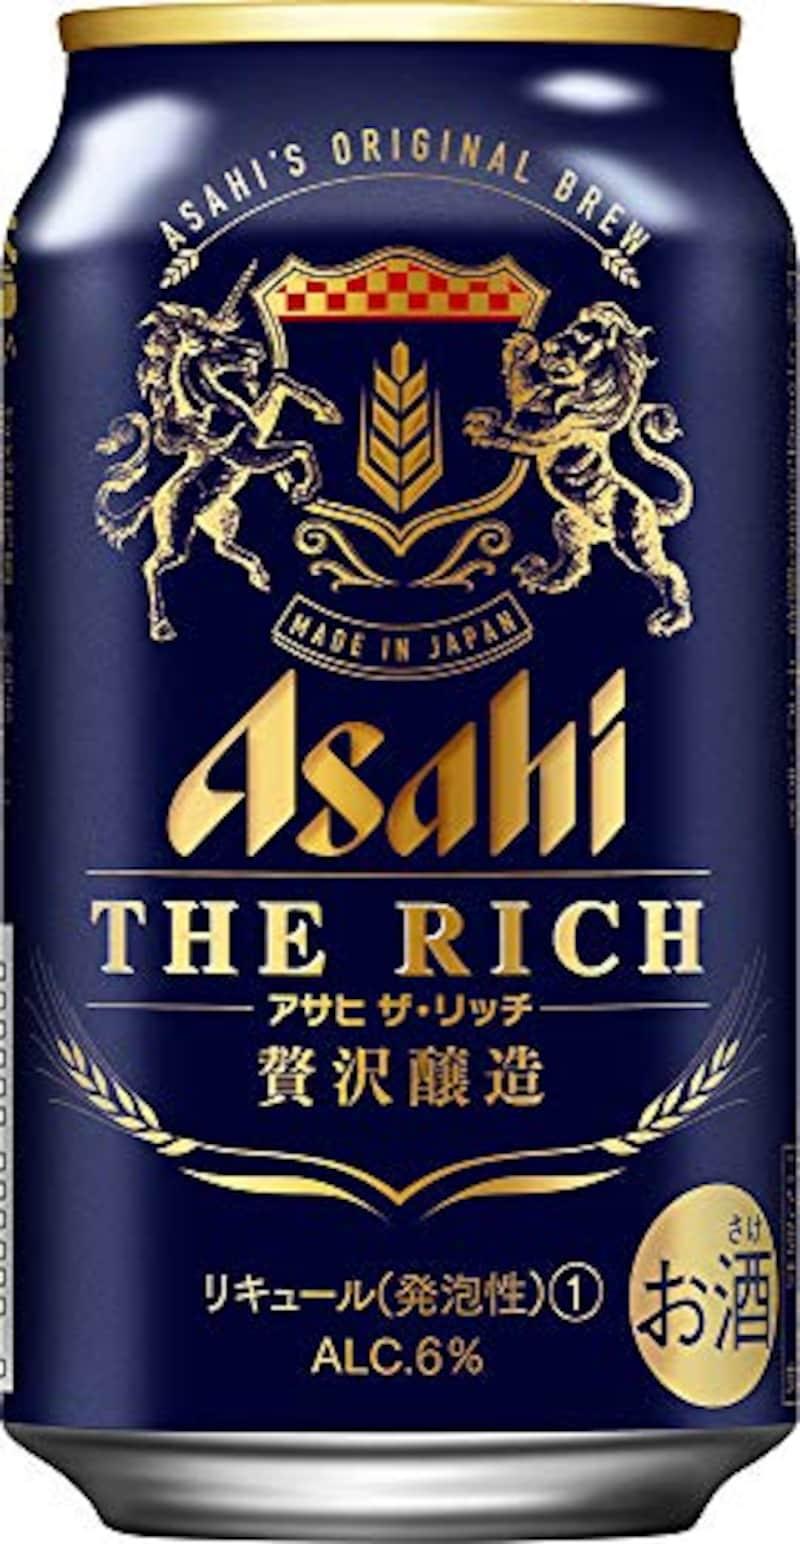 アサヒ,ザ・リッチ 350ml×24本